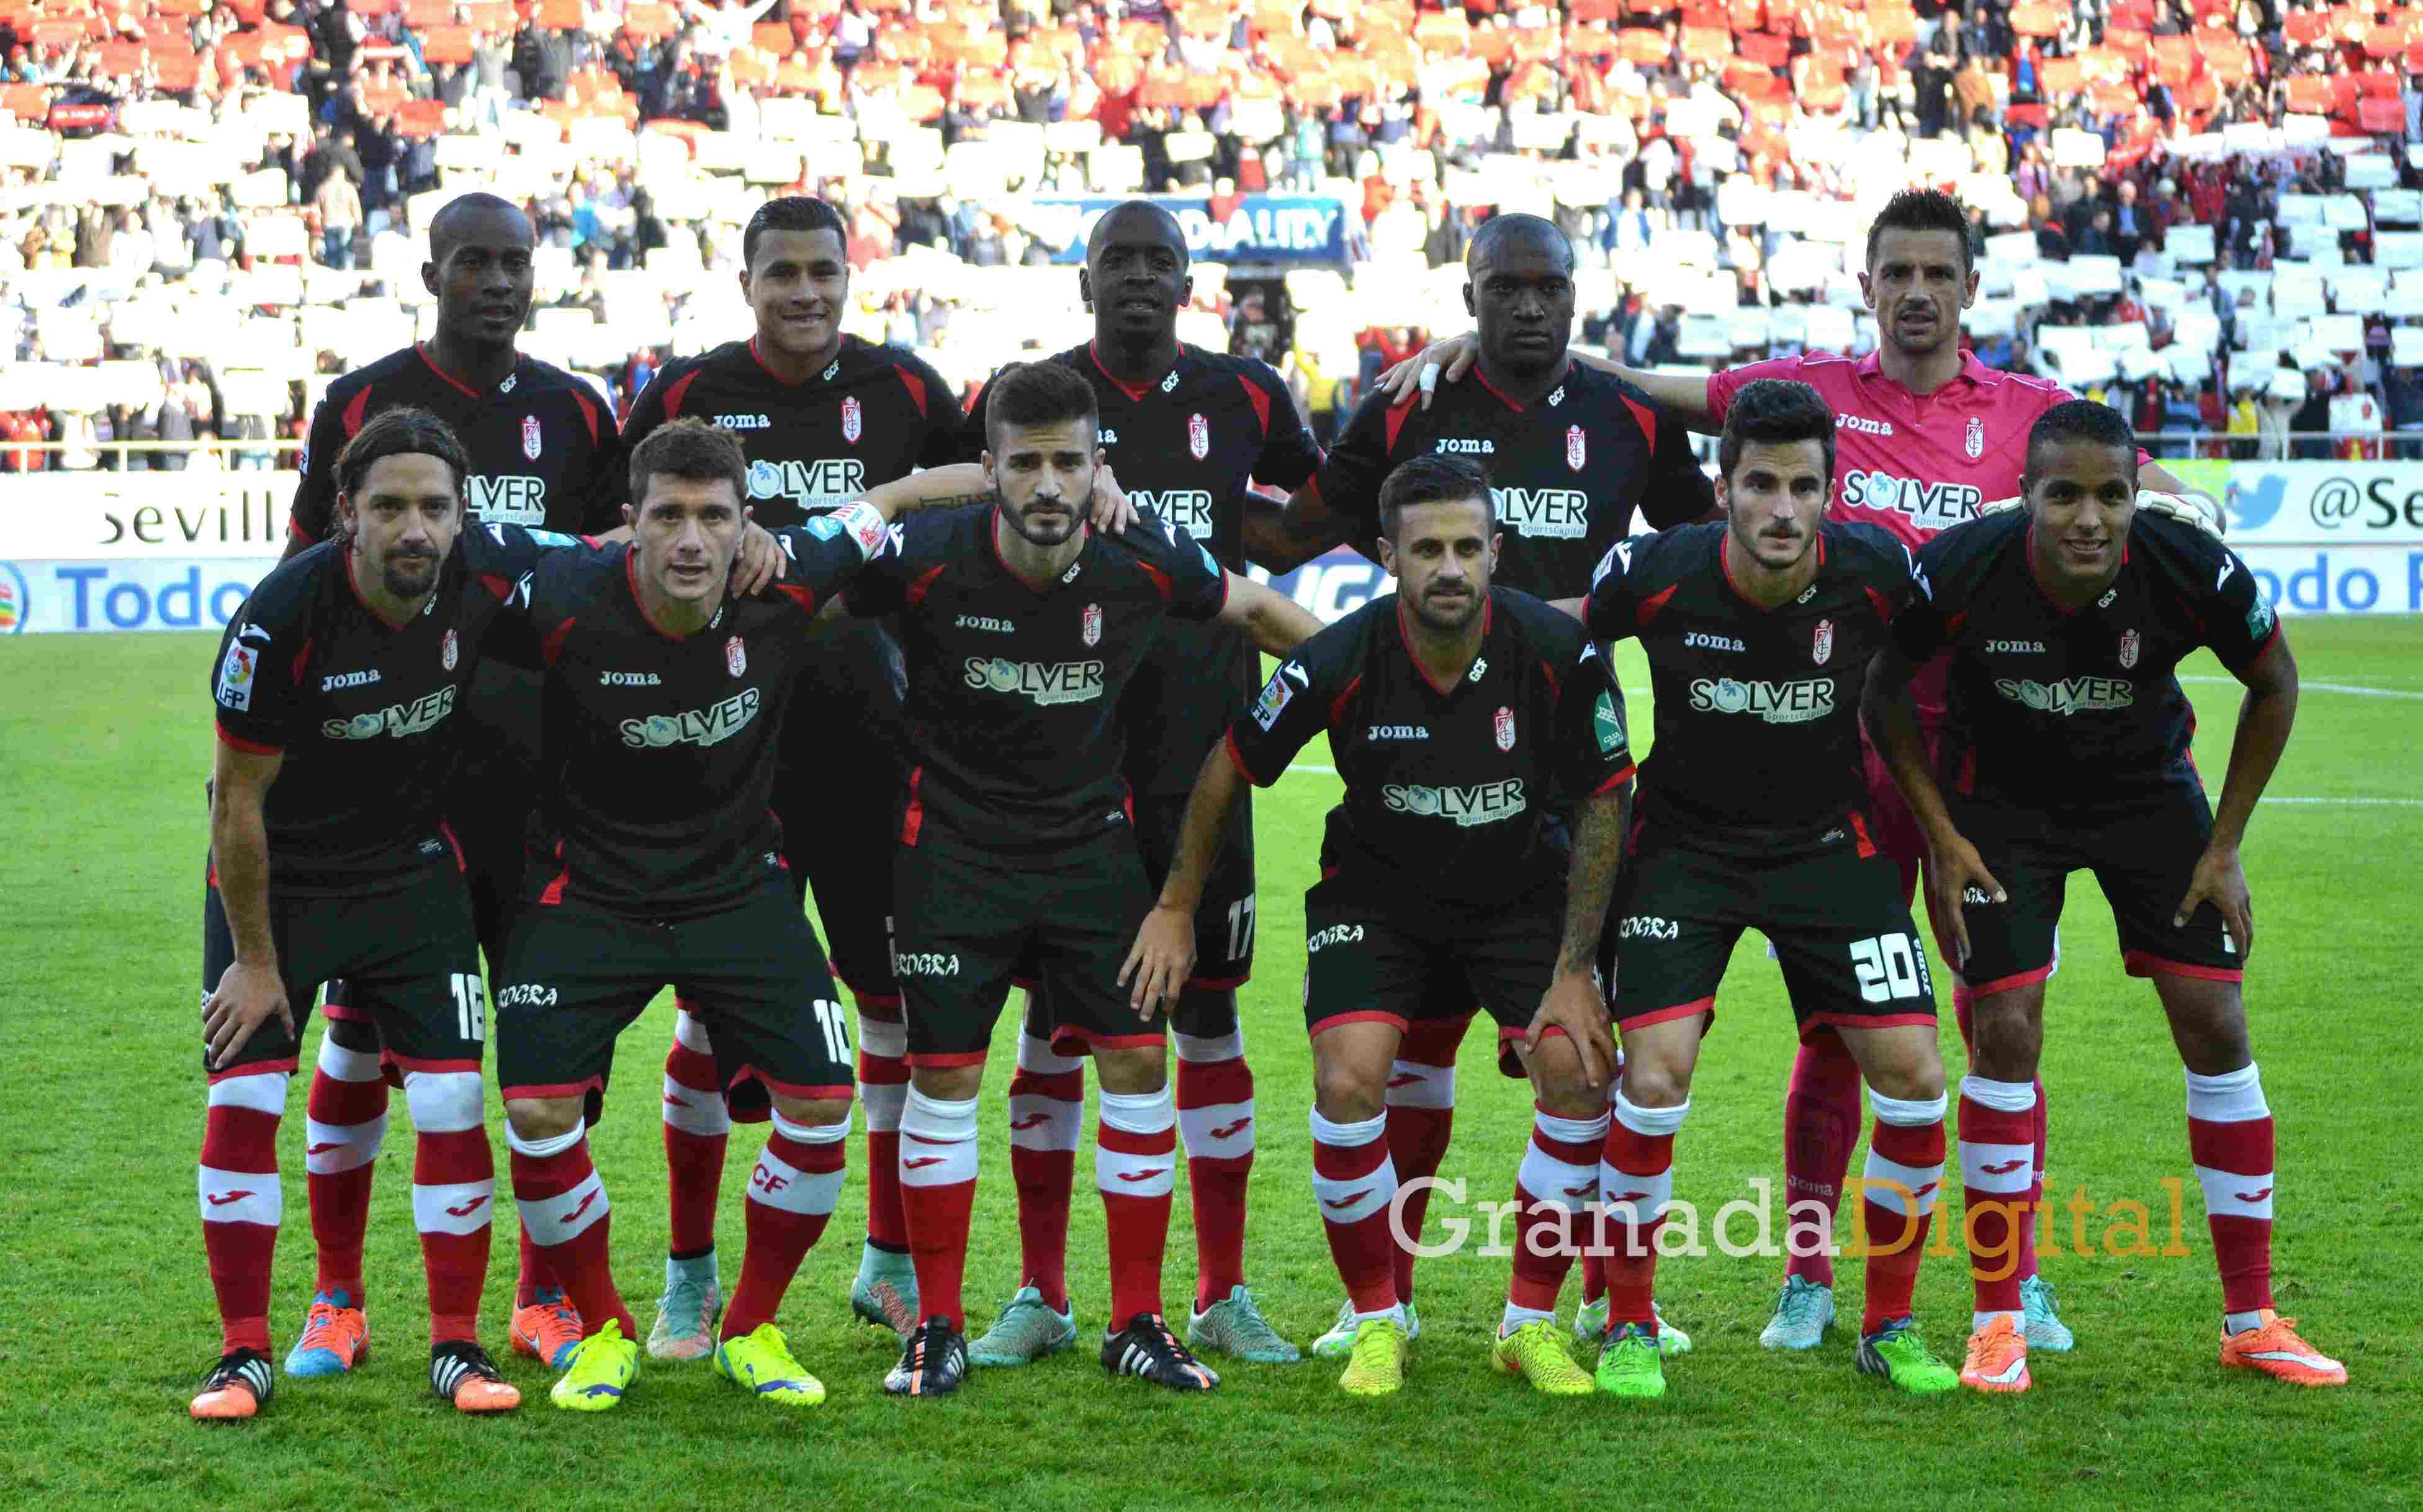 16 Sevilla Granada CF once inicial